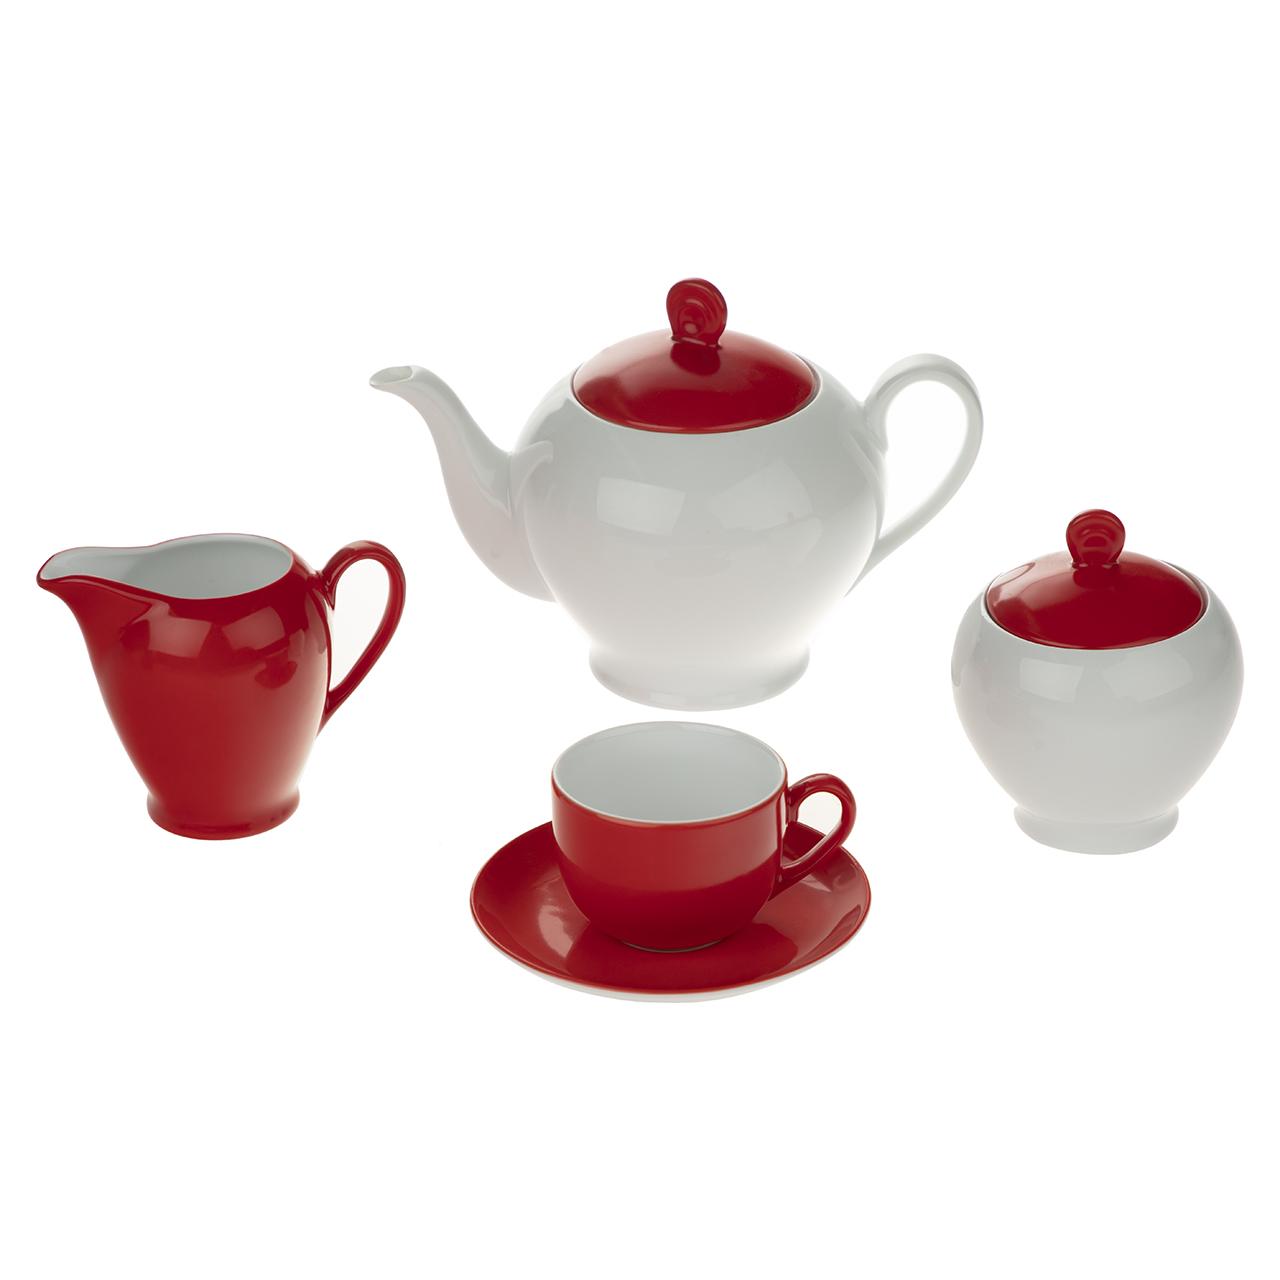 سرویس چای خوری 17 پارچه چینی زرین ایران سری ایتالیا اف مدل آیریس درجه عالی